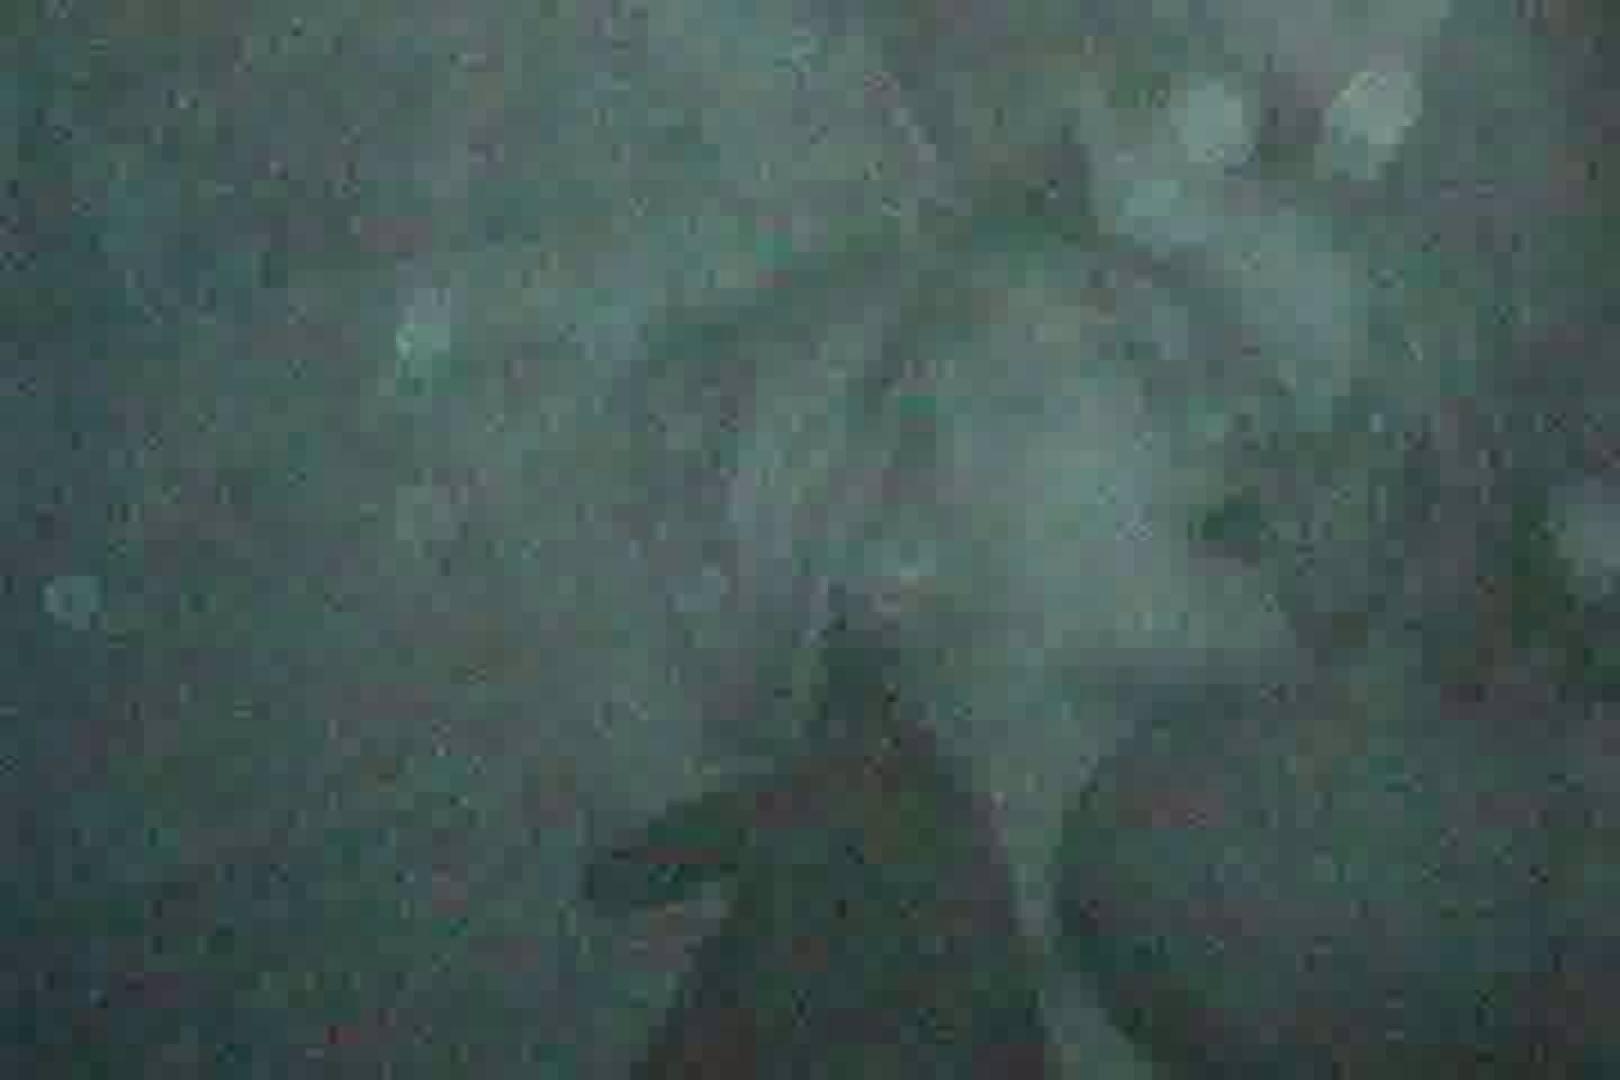 充血監督の深夜の運動会Vol.33 丸見え 覗きぱこり動画紹介 85画像 64